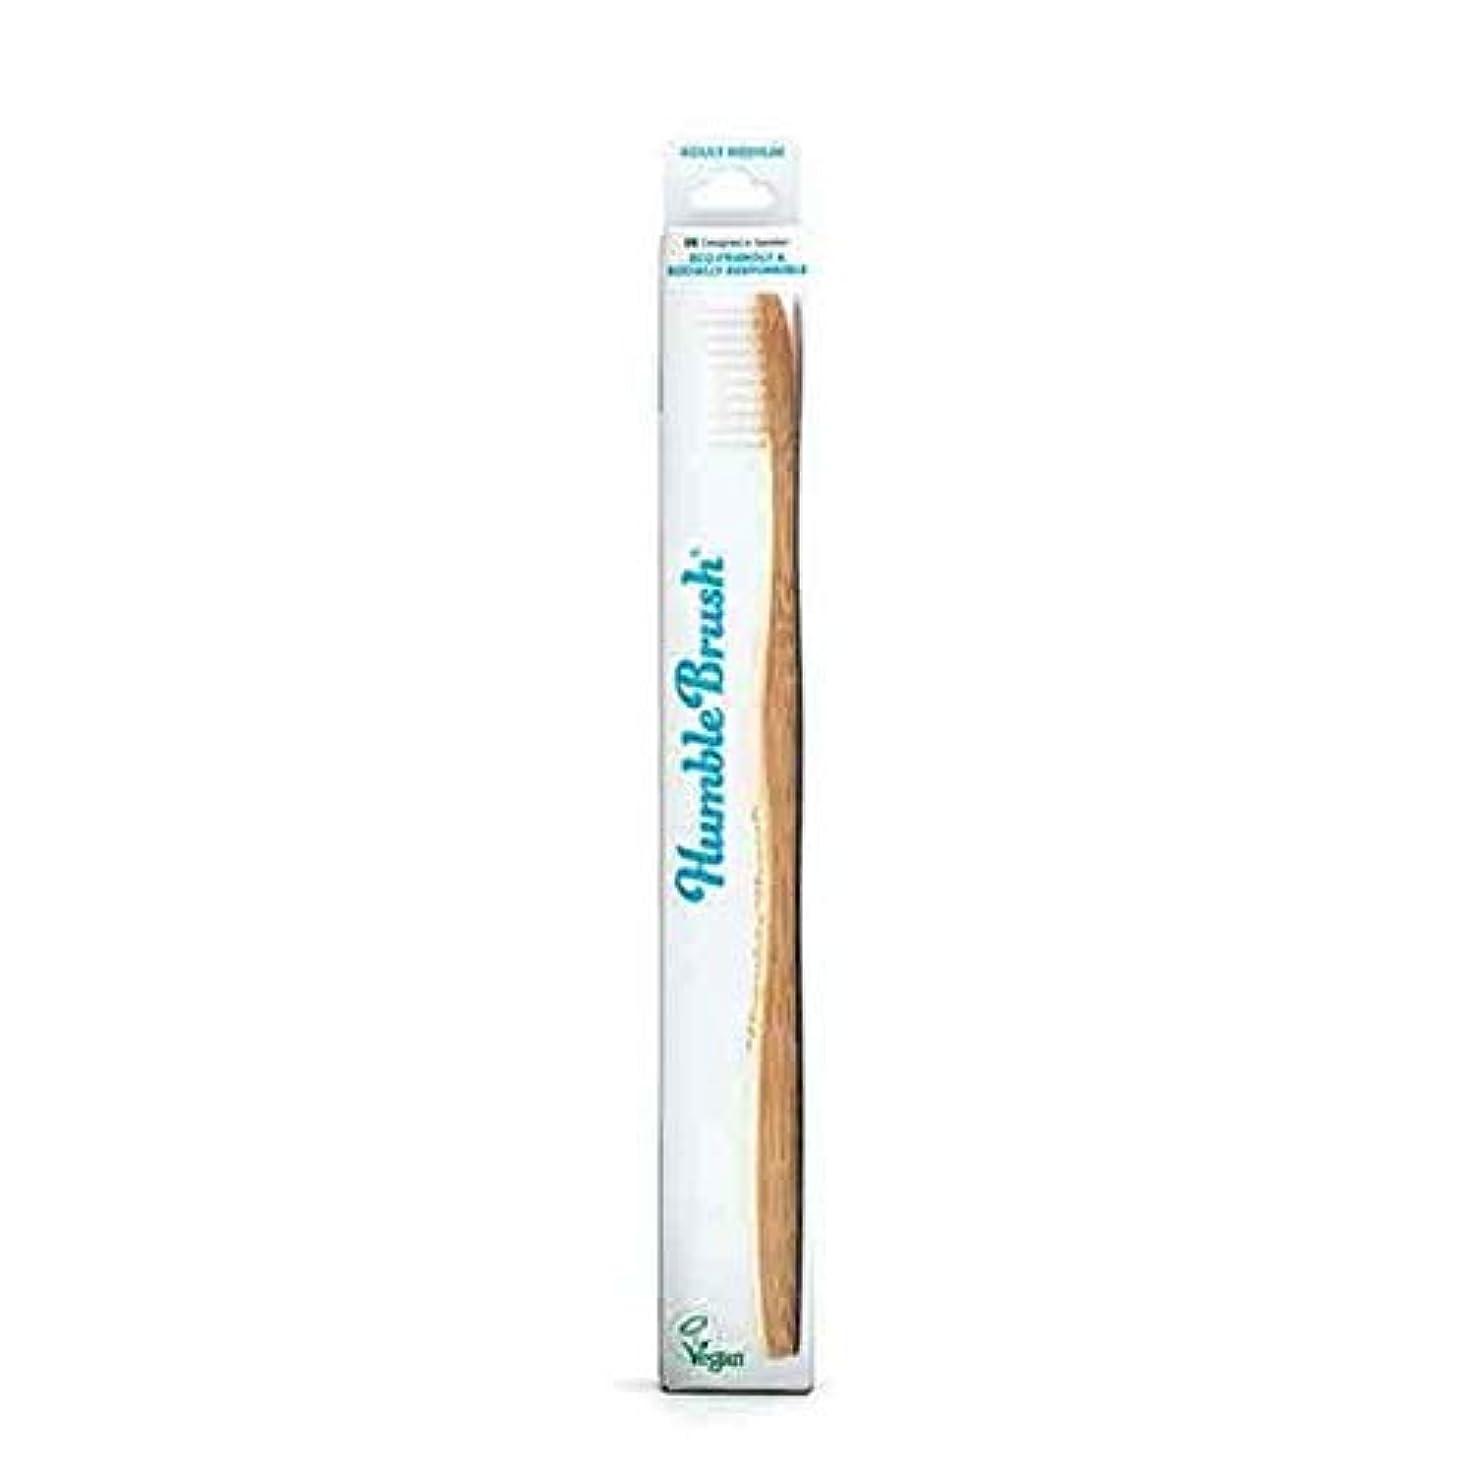 可能性前方へいわゆる[The Humble Co ] 謙虚なブラシ大人竹の歯ブラシ白 - Humble Brush Adults Bamboo Toothbrush White [並行輸入品]